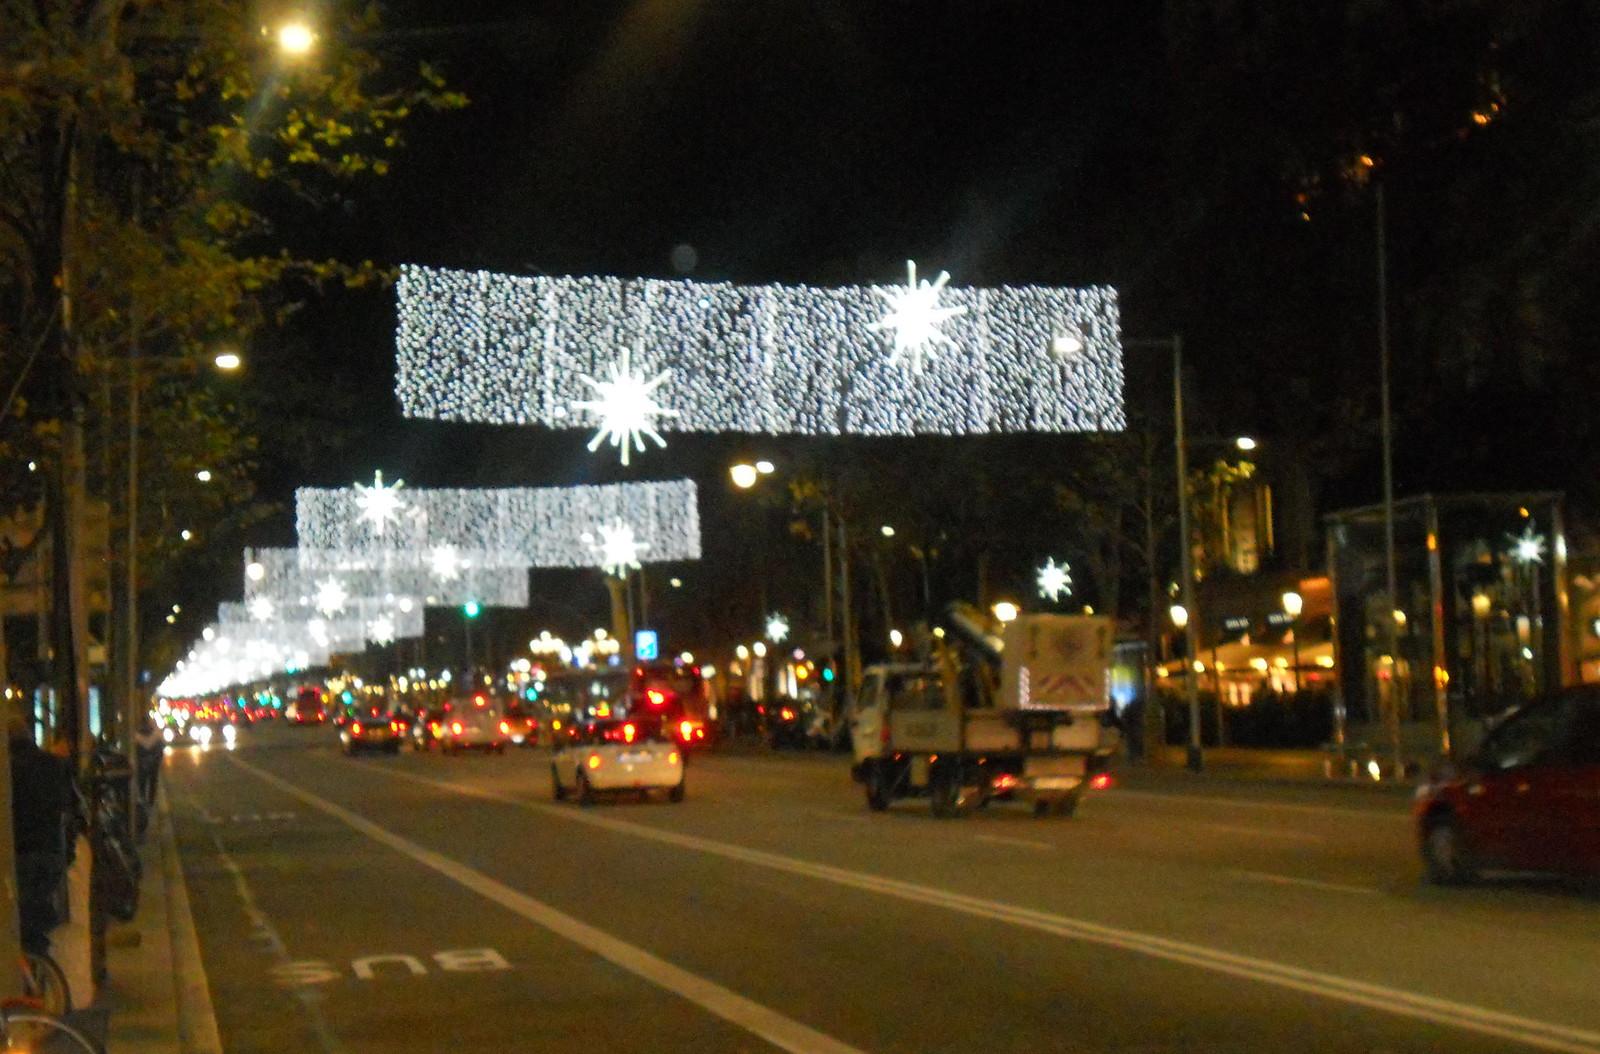 Weihnachtsbeleuchtung, Nikon COOLPIX S2550